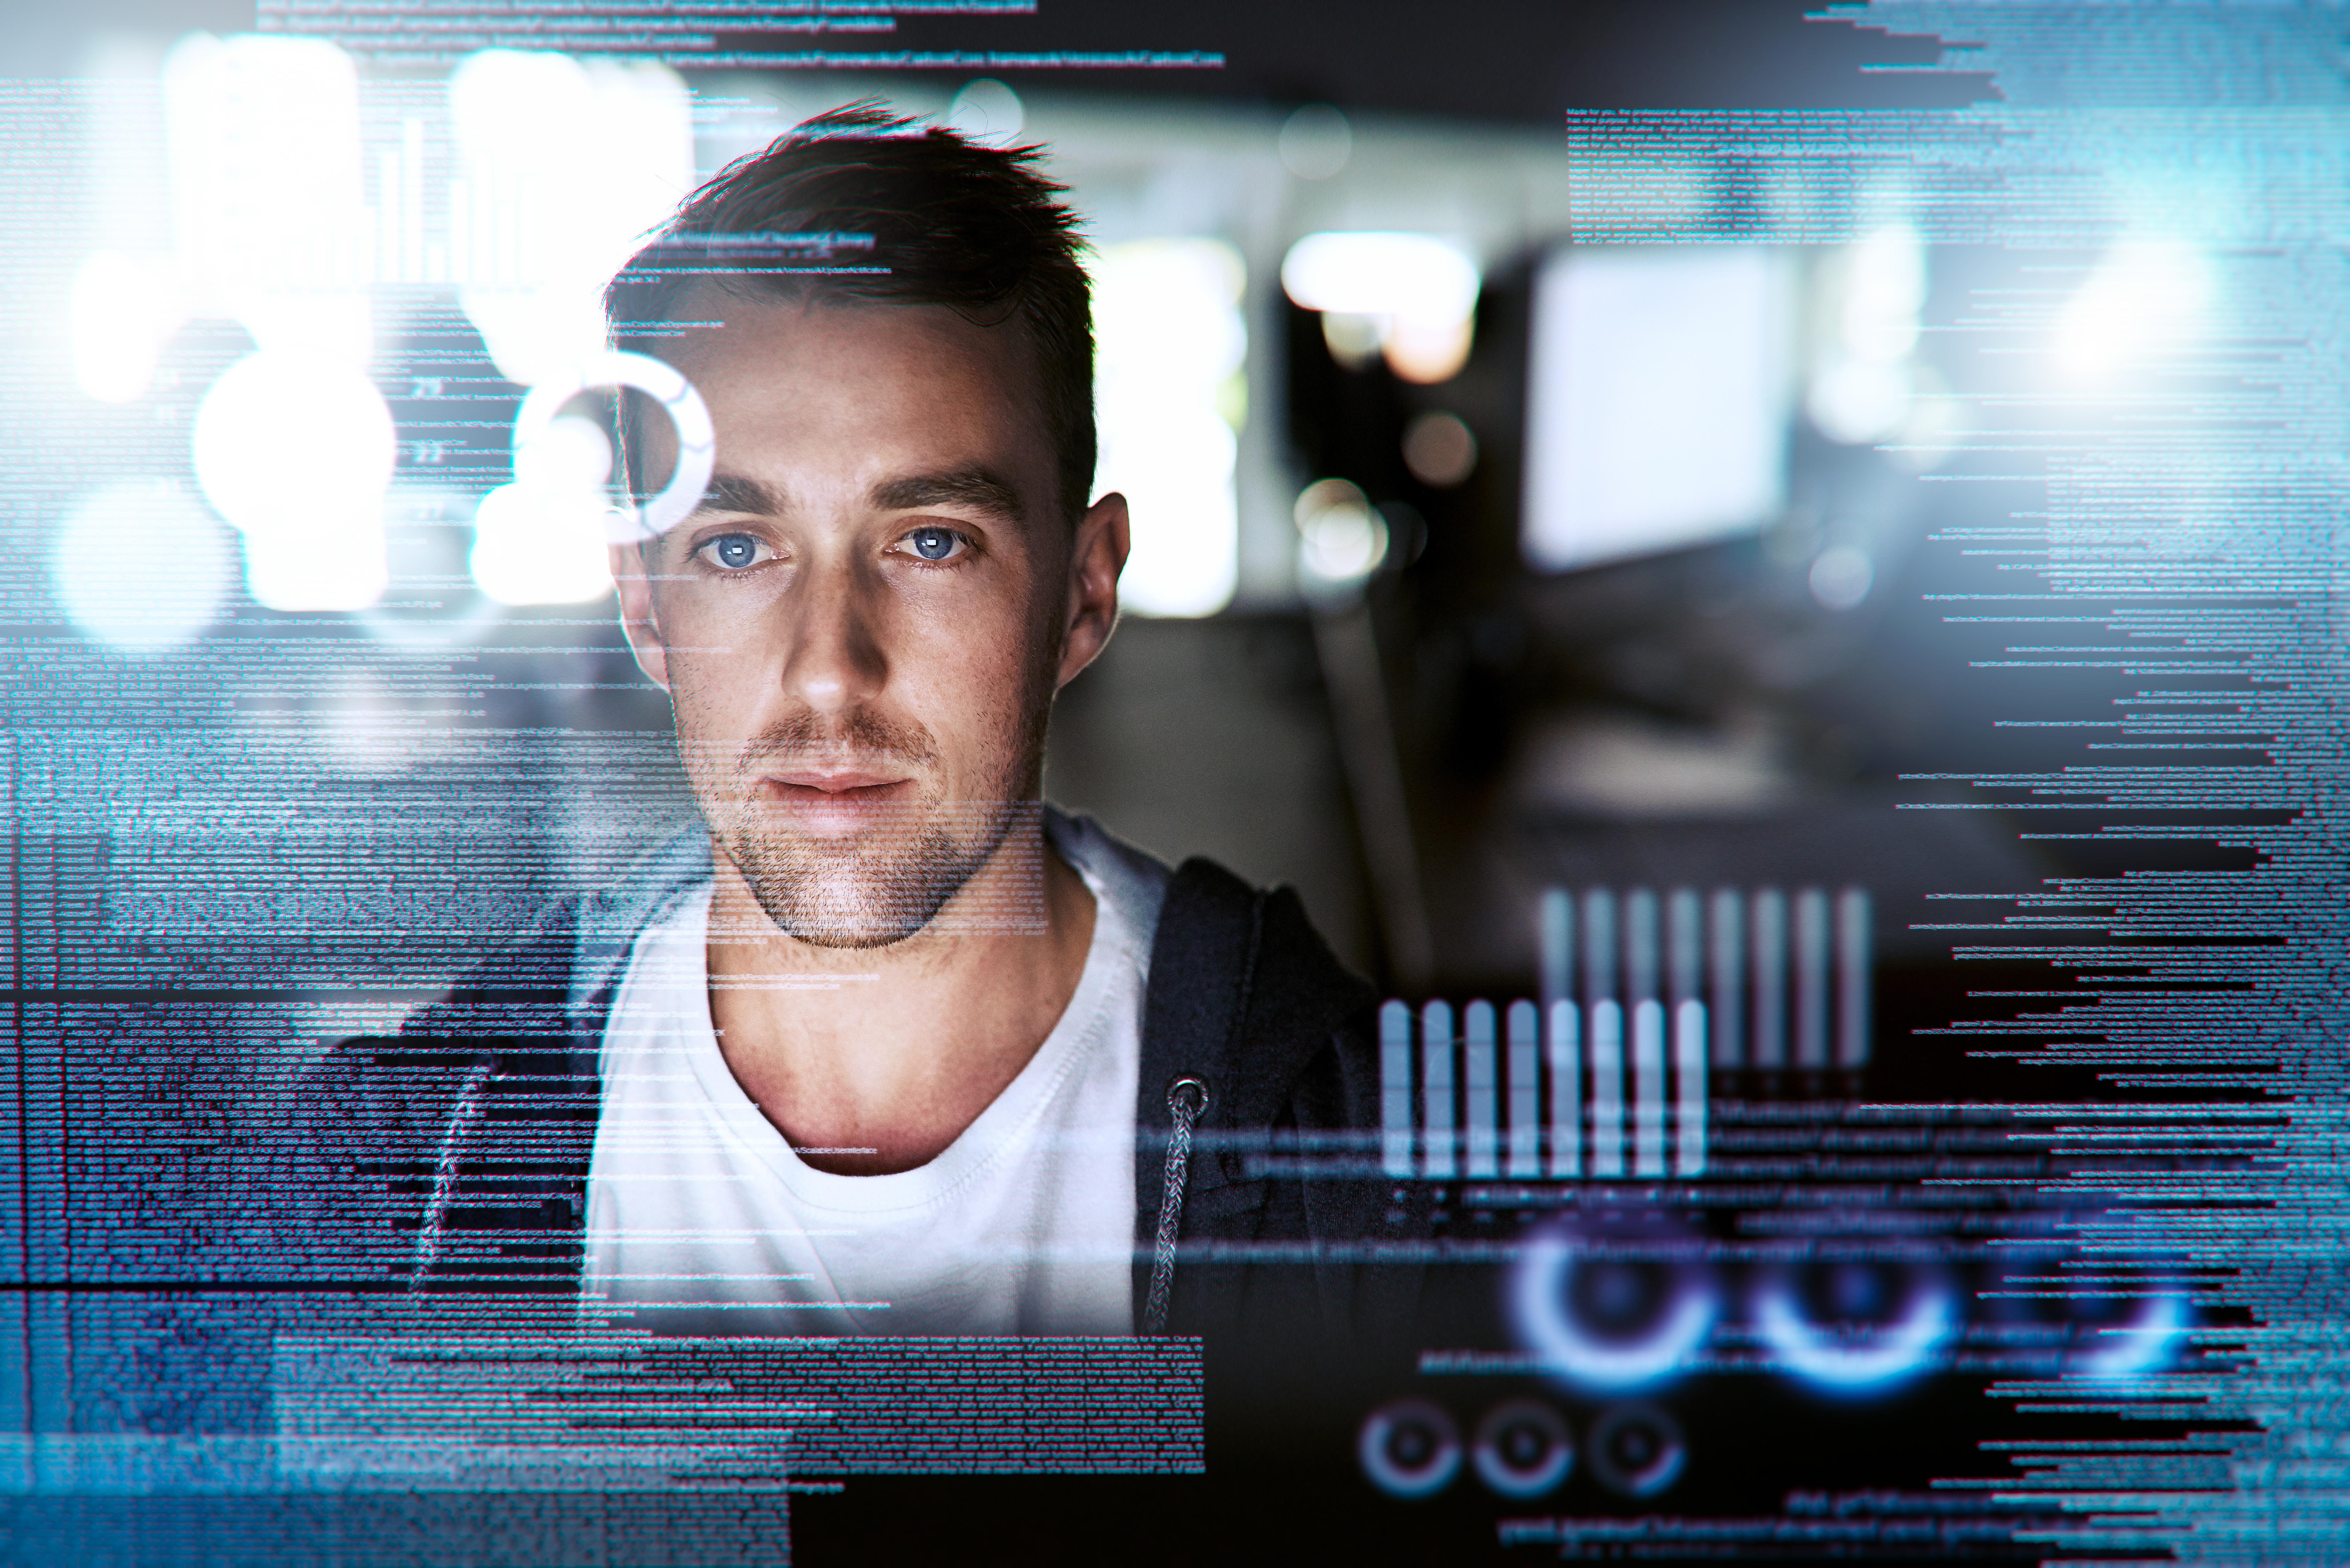 Digitalisierung Datenschutz